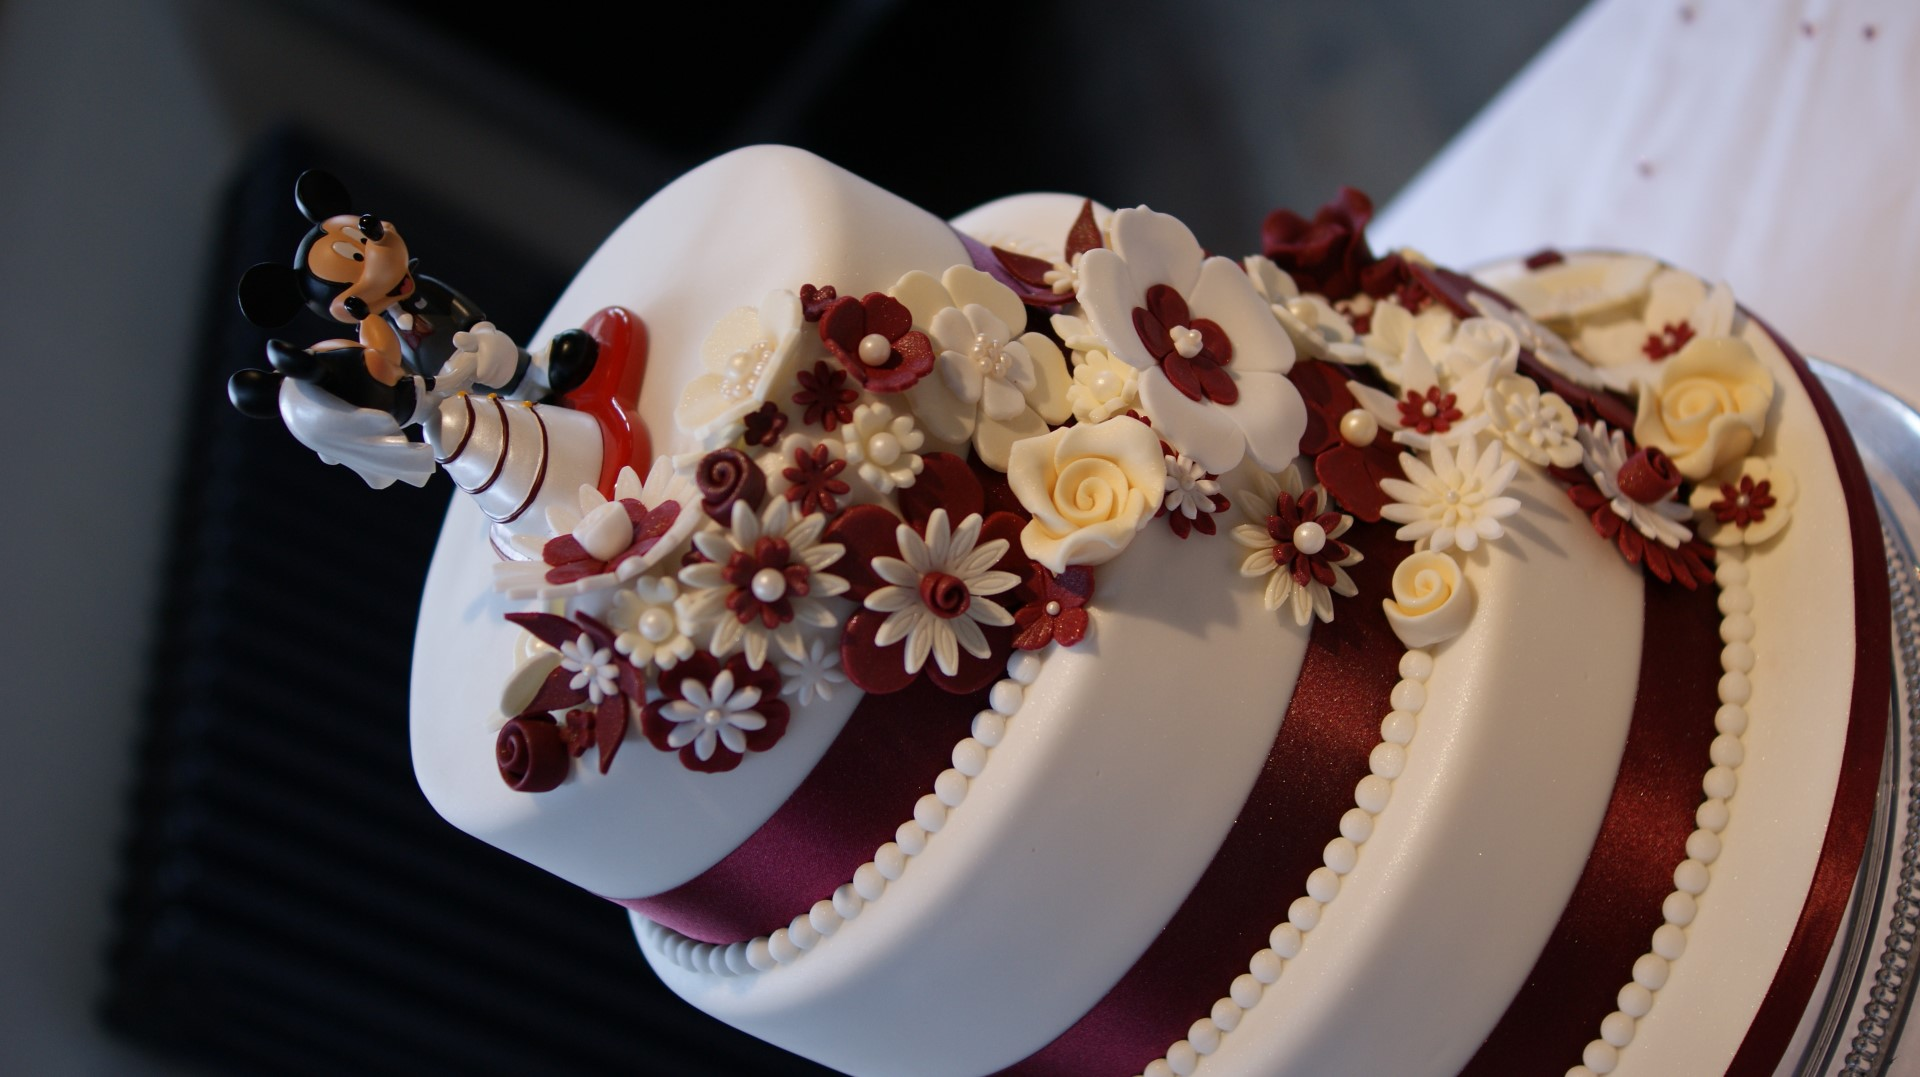 Disney Theme 3 Tier Wedding Cake - Bakealous